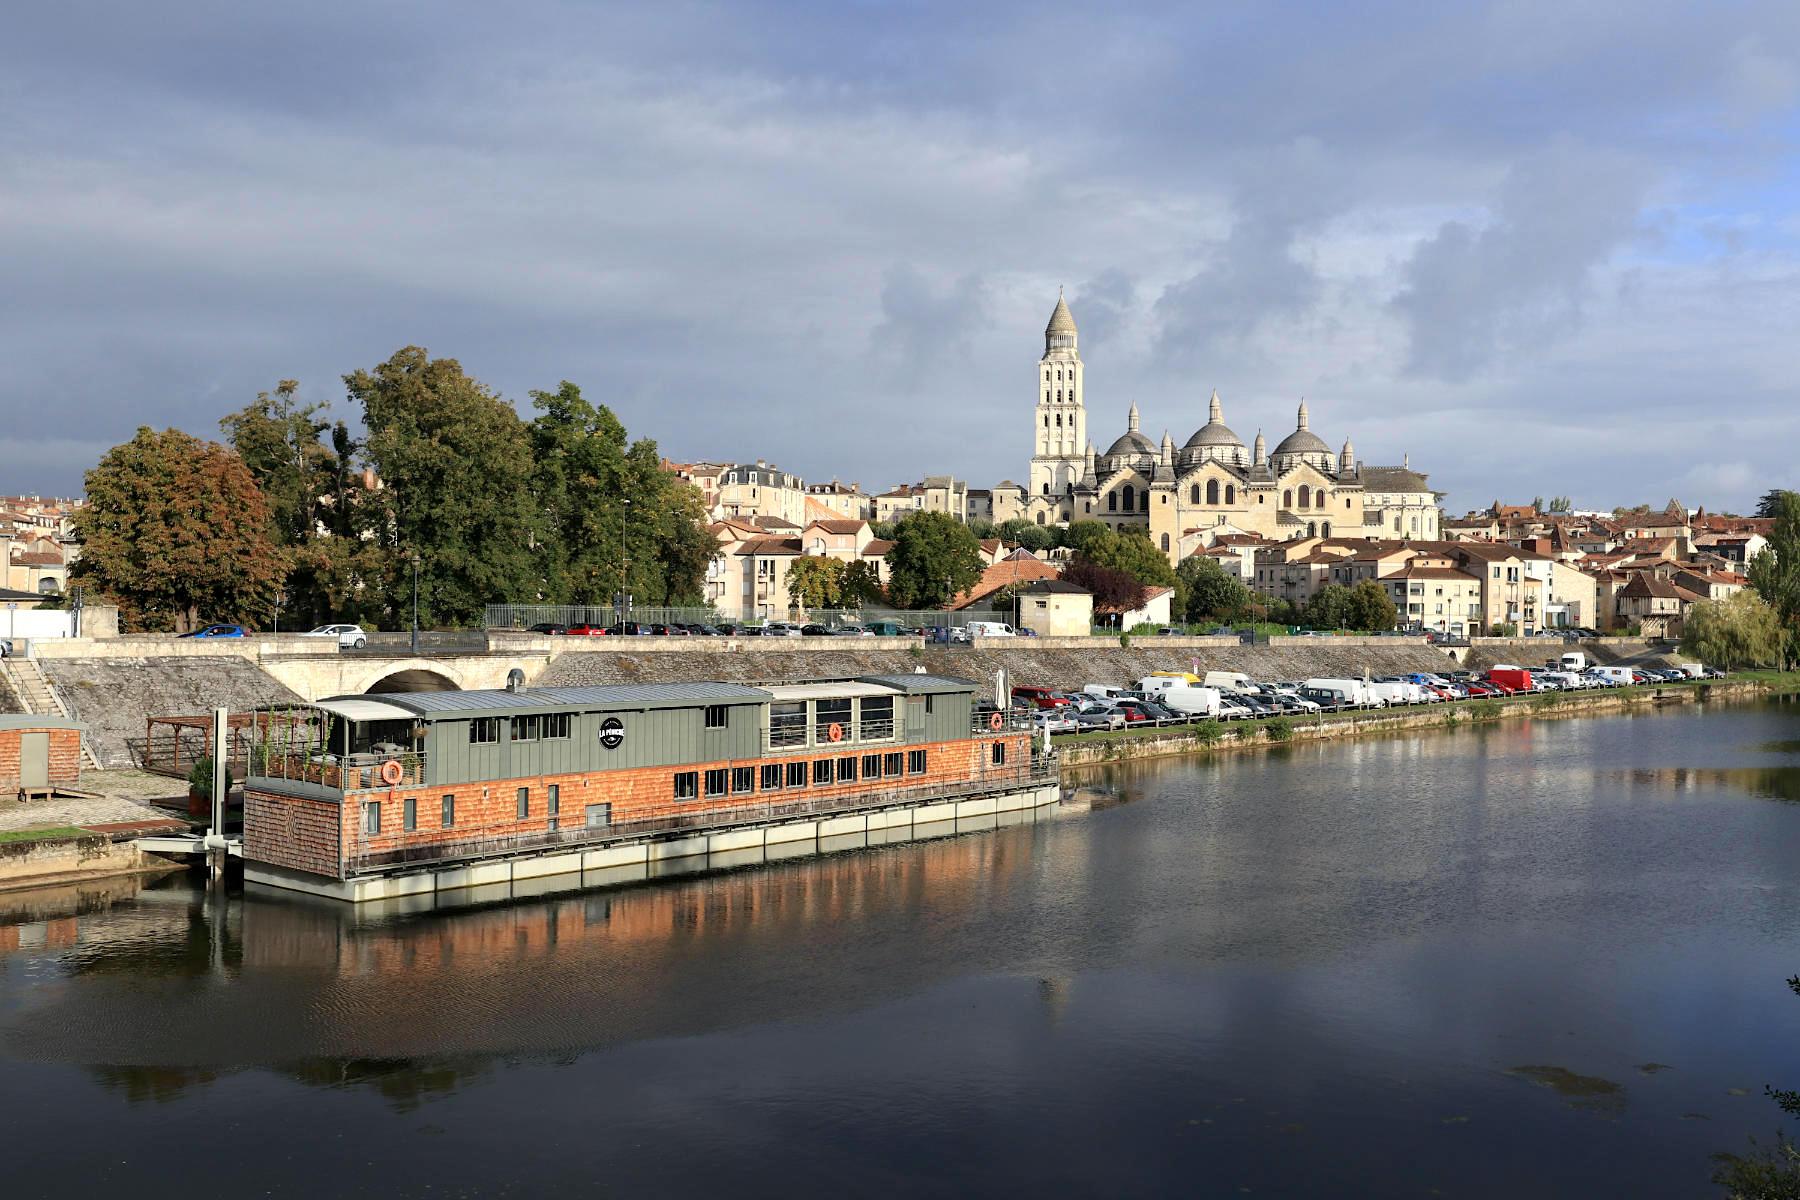 Périgueux. Neben der gallo-römischen Stätte zählt auch die Altstadt mit Bauwerken aus dem Mittelalter und der Renaissance zum UNESCO-Welterbe. Besonders die Türme der römisch-katholischen Kathedrale Saint-Front prägen die Silhouette der Kunst- und Museumsstadt Périgueux.